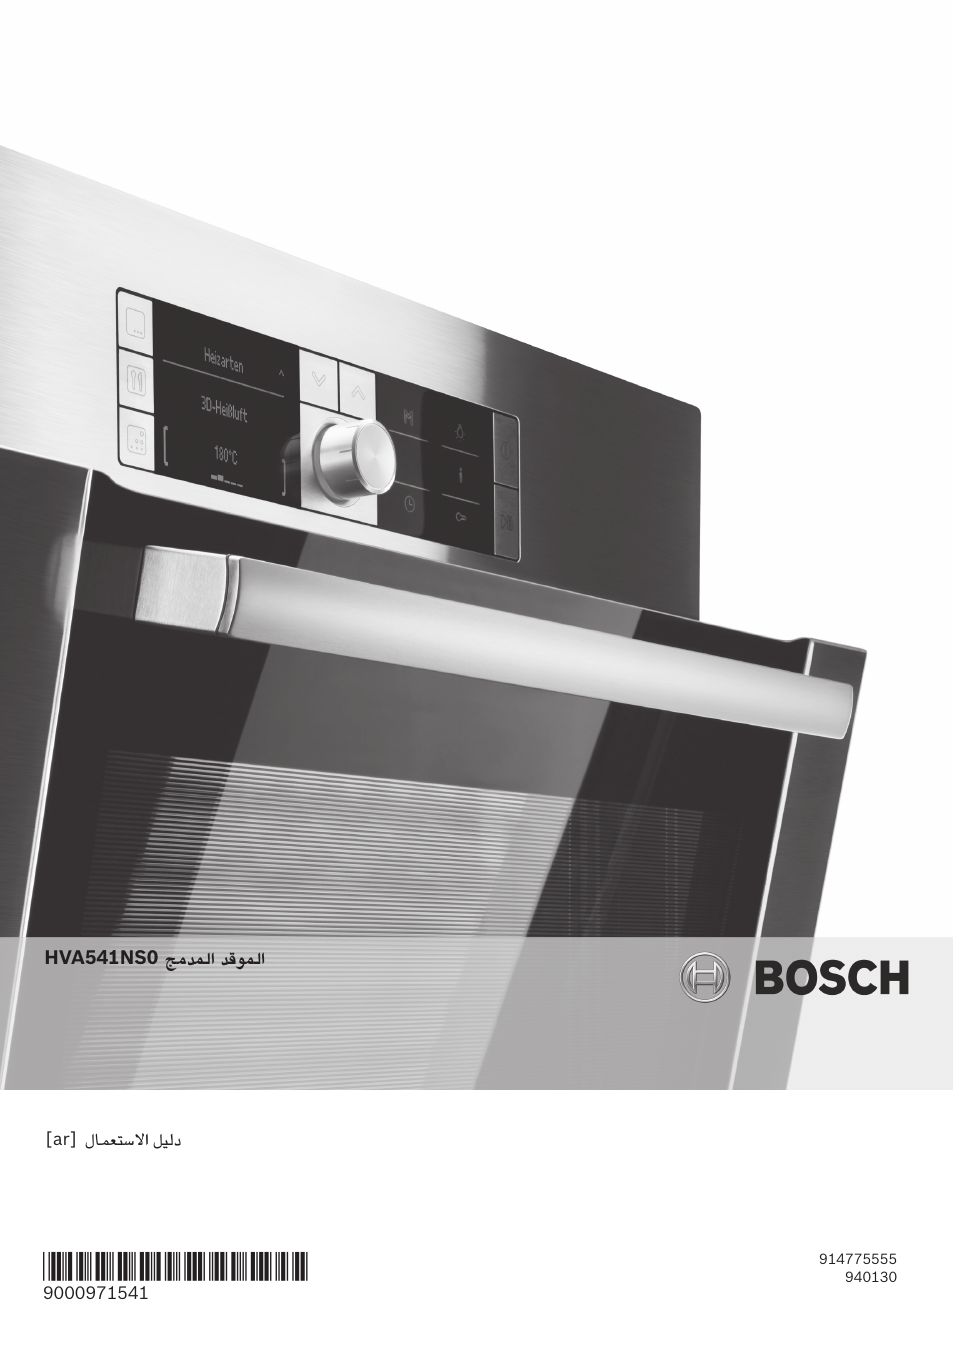 Èeóªdg óbƒªdg | Bosch HVA541NS0 Forno da incasso 90 cm User Manual ...